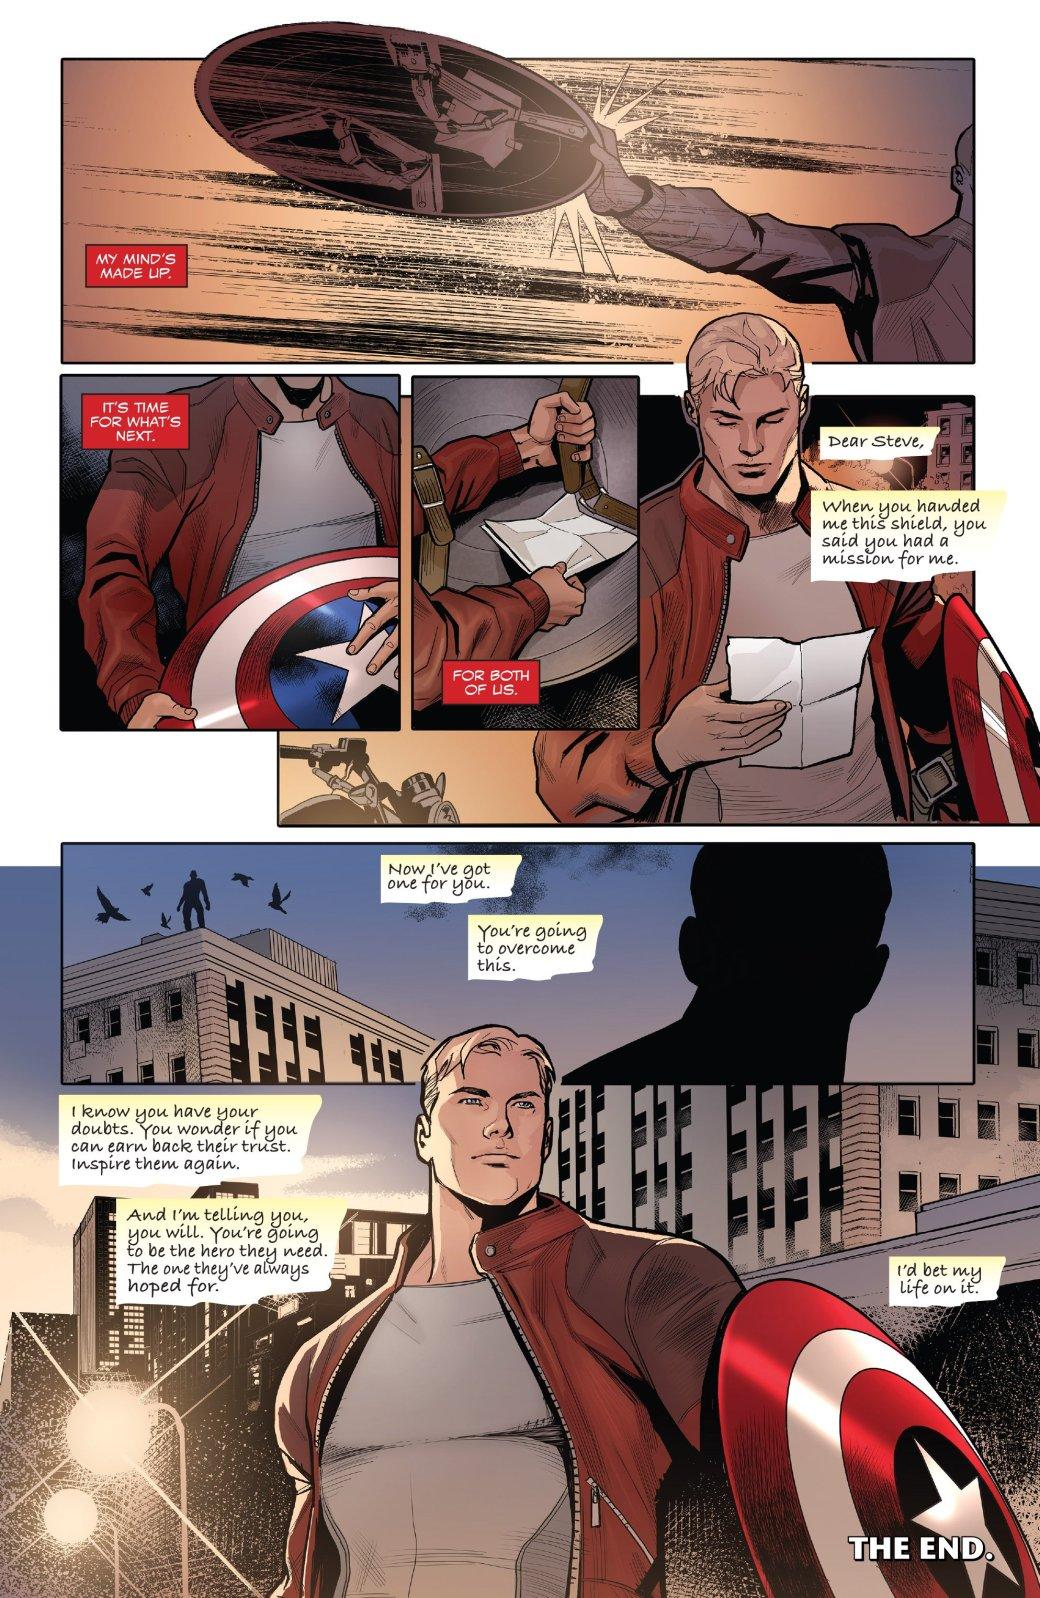 Marvel Generations: отправившись впрошлое, Сэм Уилсон прожил там целую жизнь | Канобу - Изображение 5752